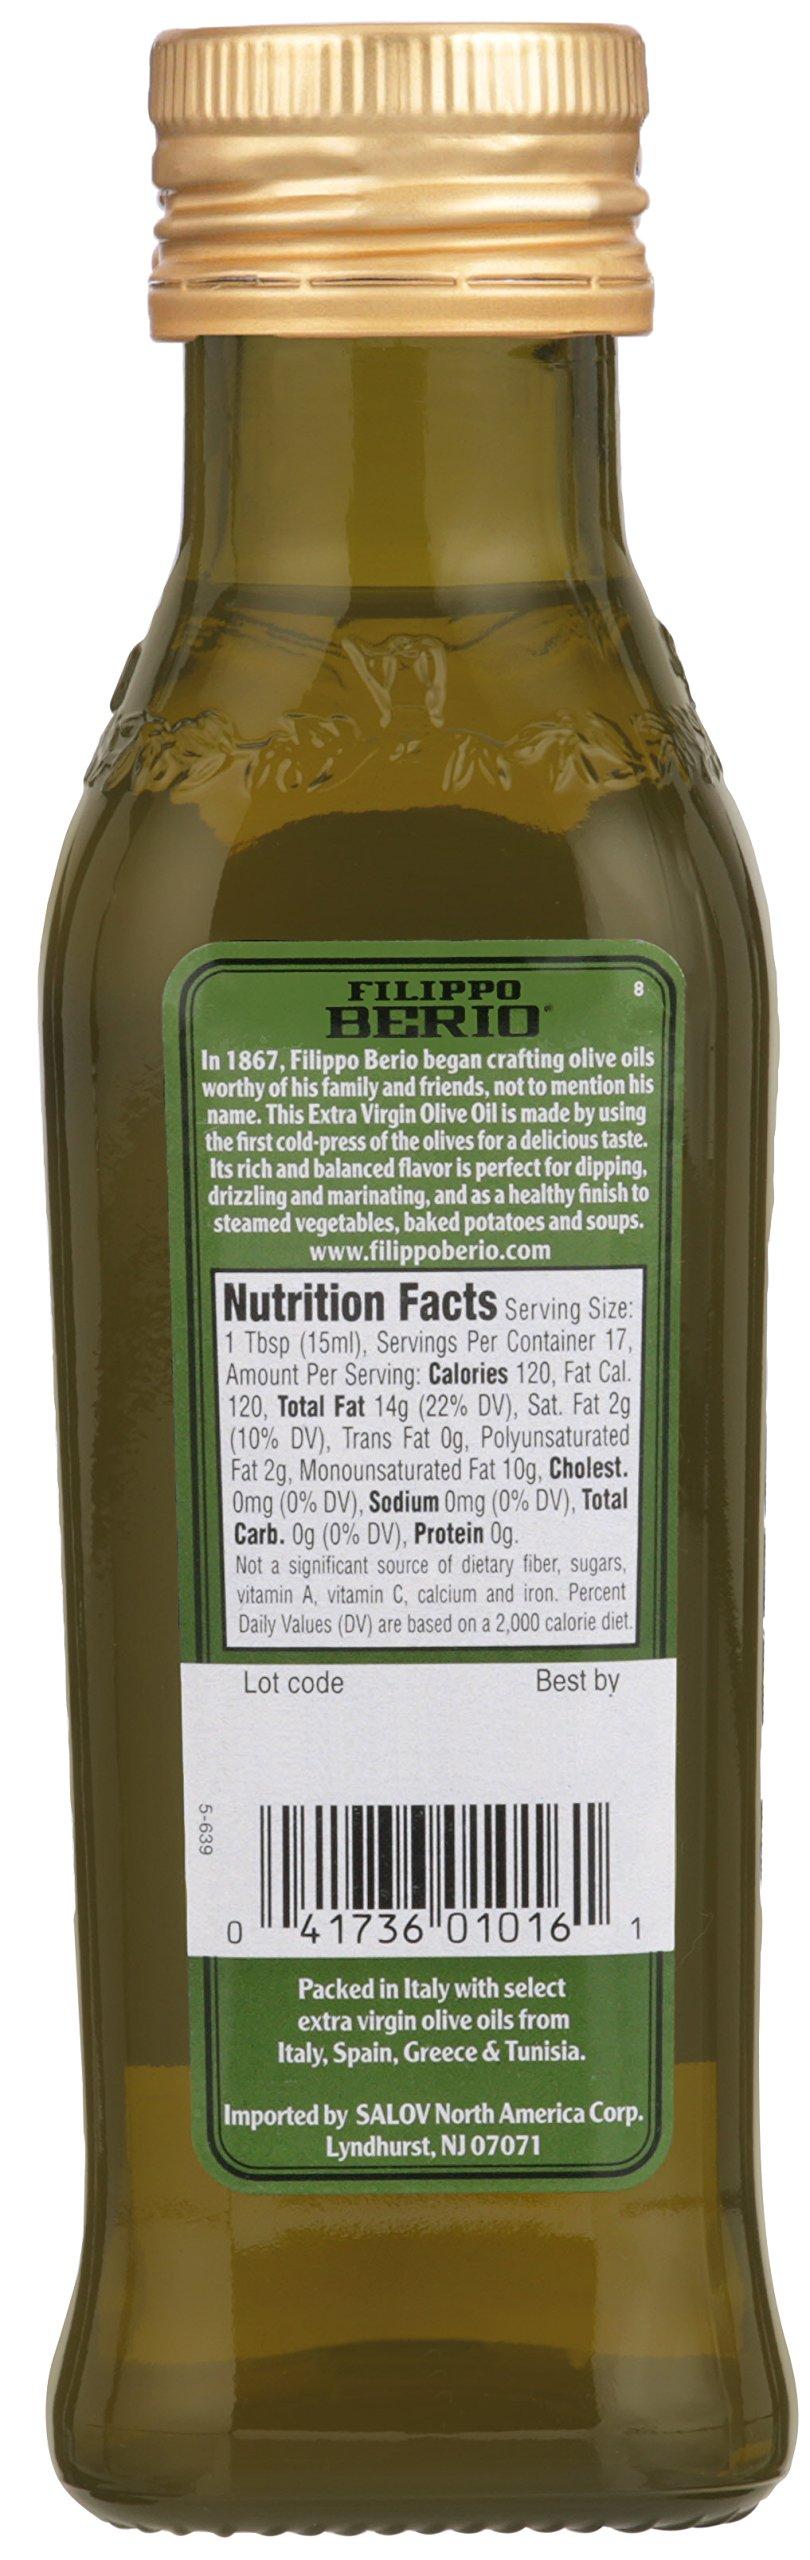 Filippo Berio Extra Virgin Olive Oil, 8.4 Ounce by Filippo Berio (Image #3)